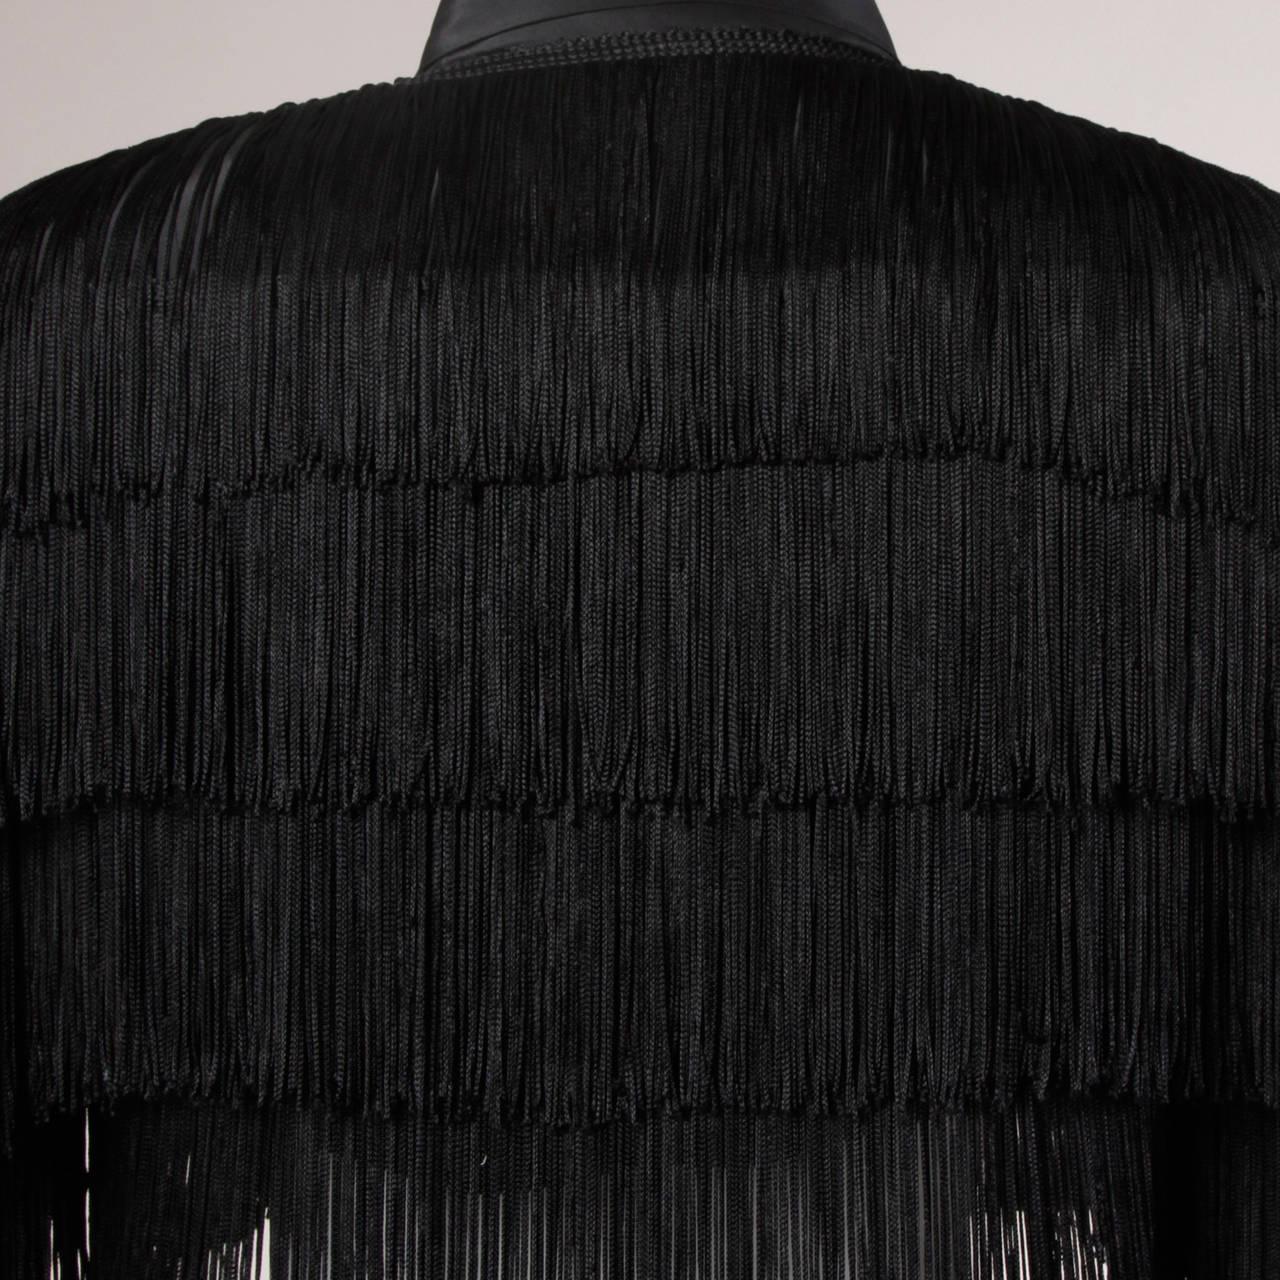 Norma Kamali Omo Vintage 1980s Black Fringe Jacket 7